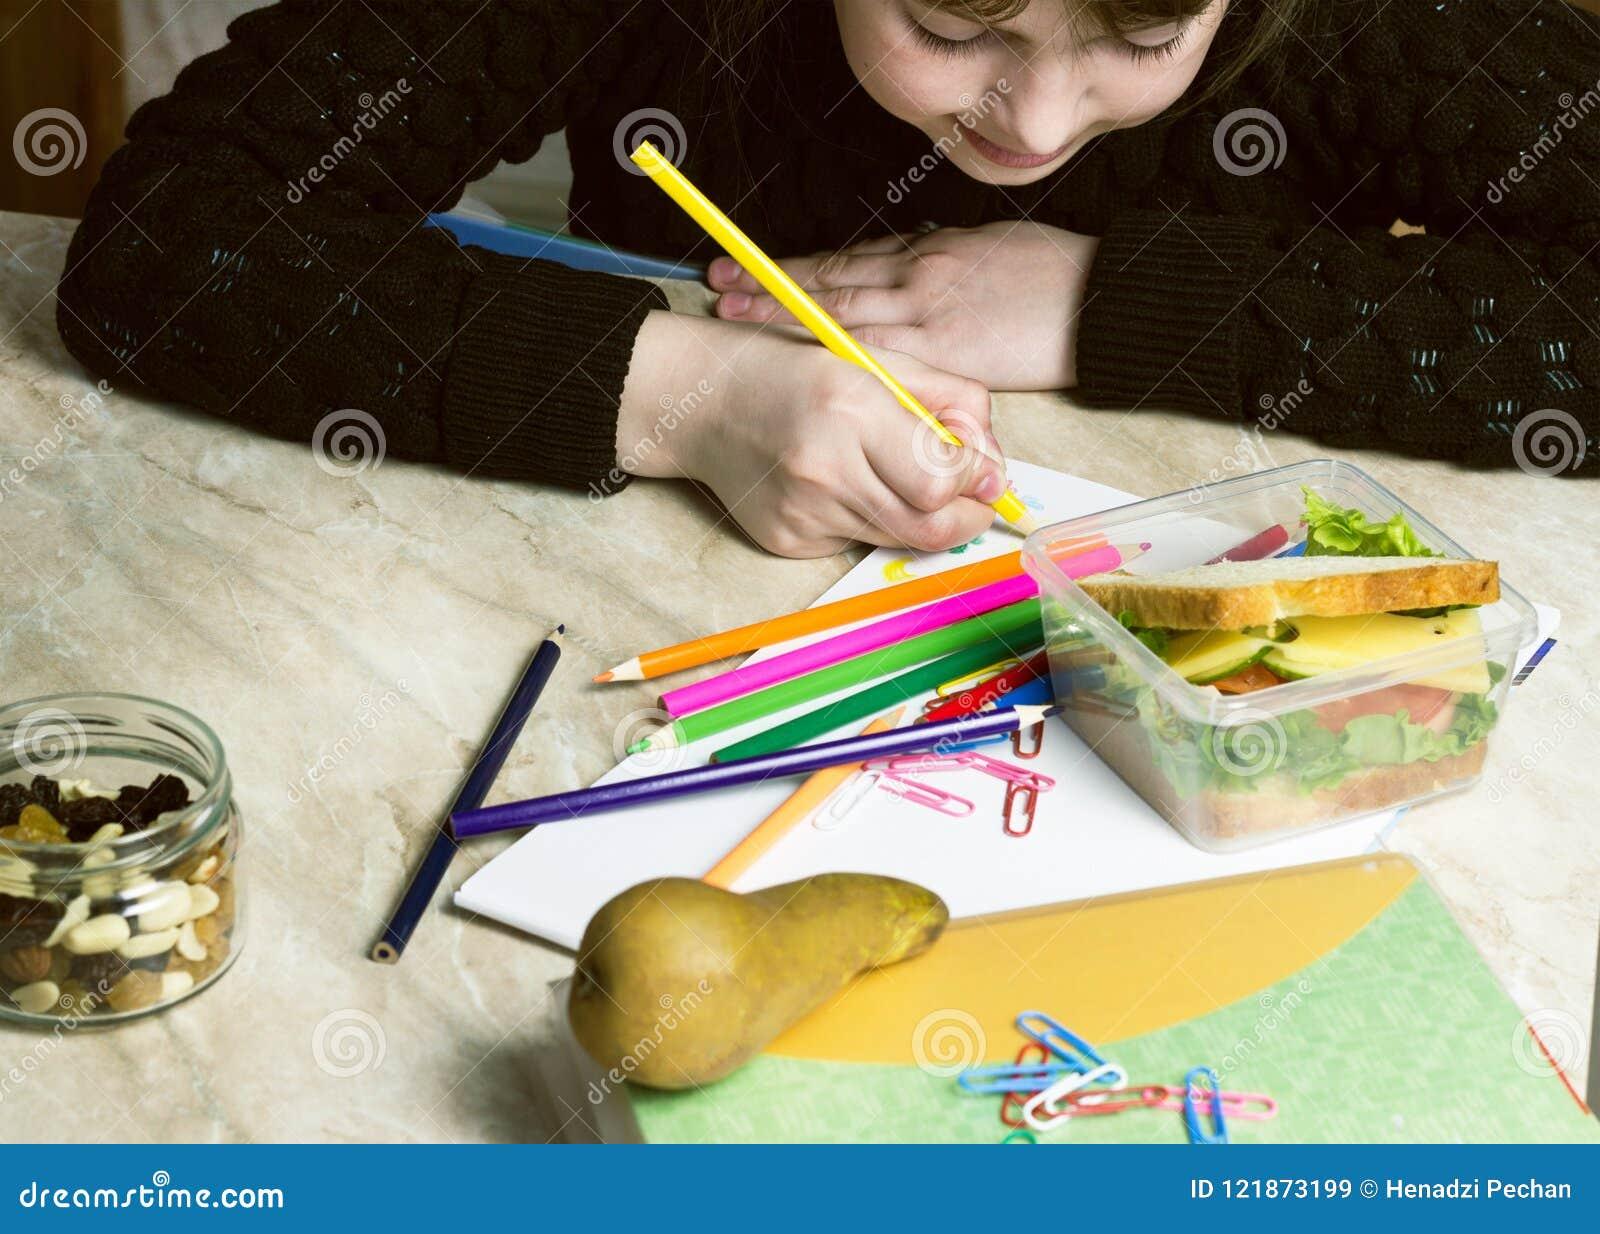 Het meisje doet de lessen, op de lijst ligt een sandwich, fruit, noten, handboeken, potloden, sandwich